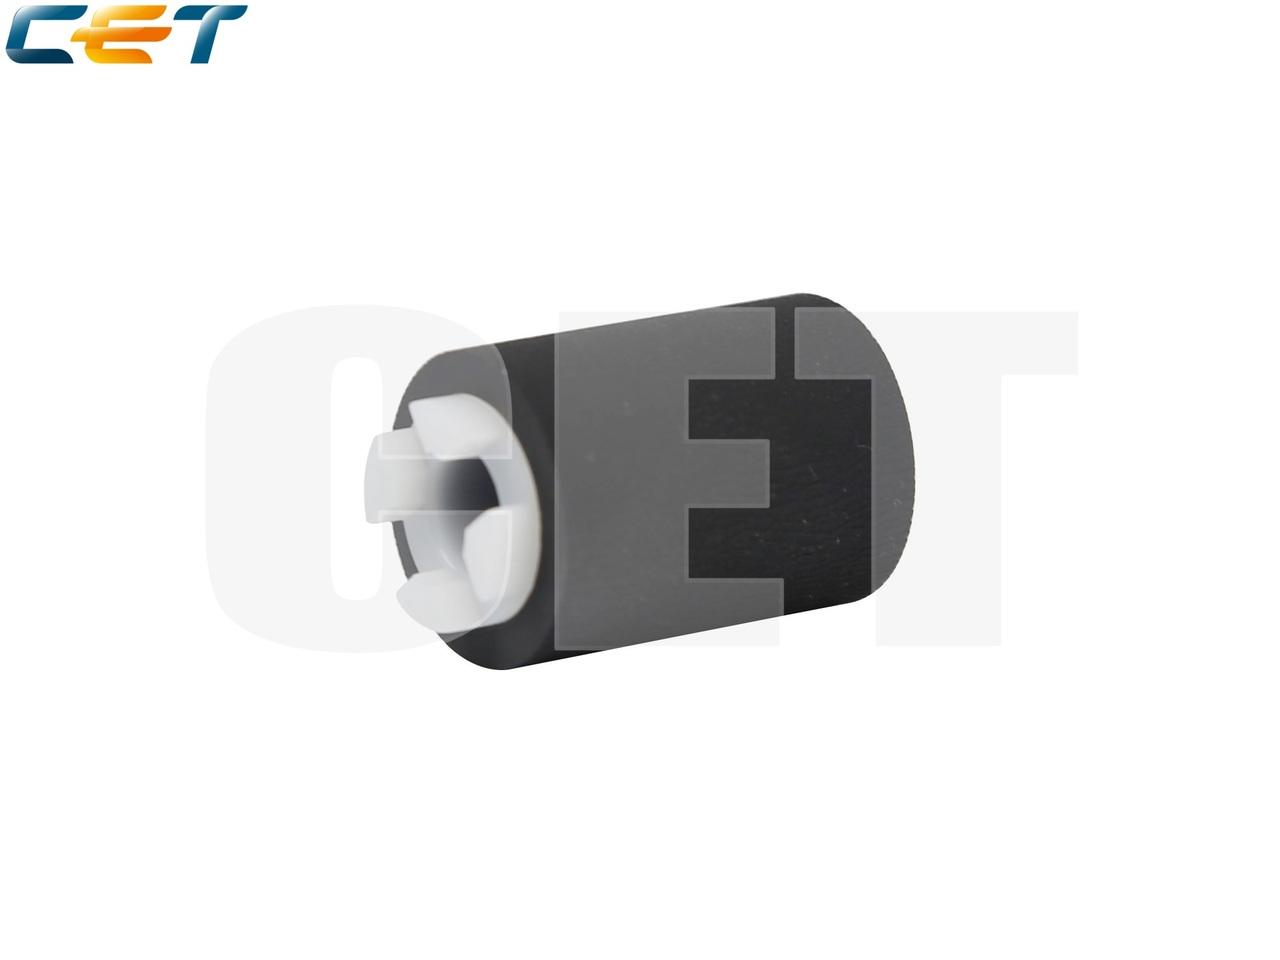 Ролик подачи AF03-0094 для RICOHMP2554SP/MP3054SP/MP3554SP/MP4054SP/MP5054SP/MP6054SP (CET), CET6209